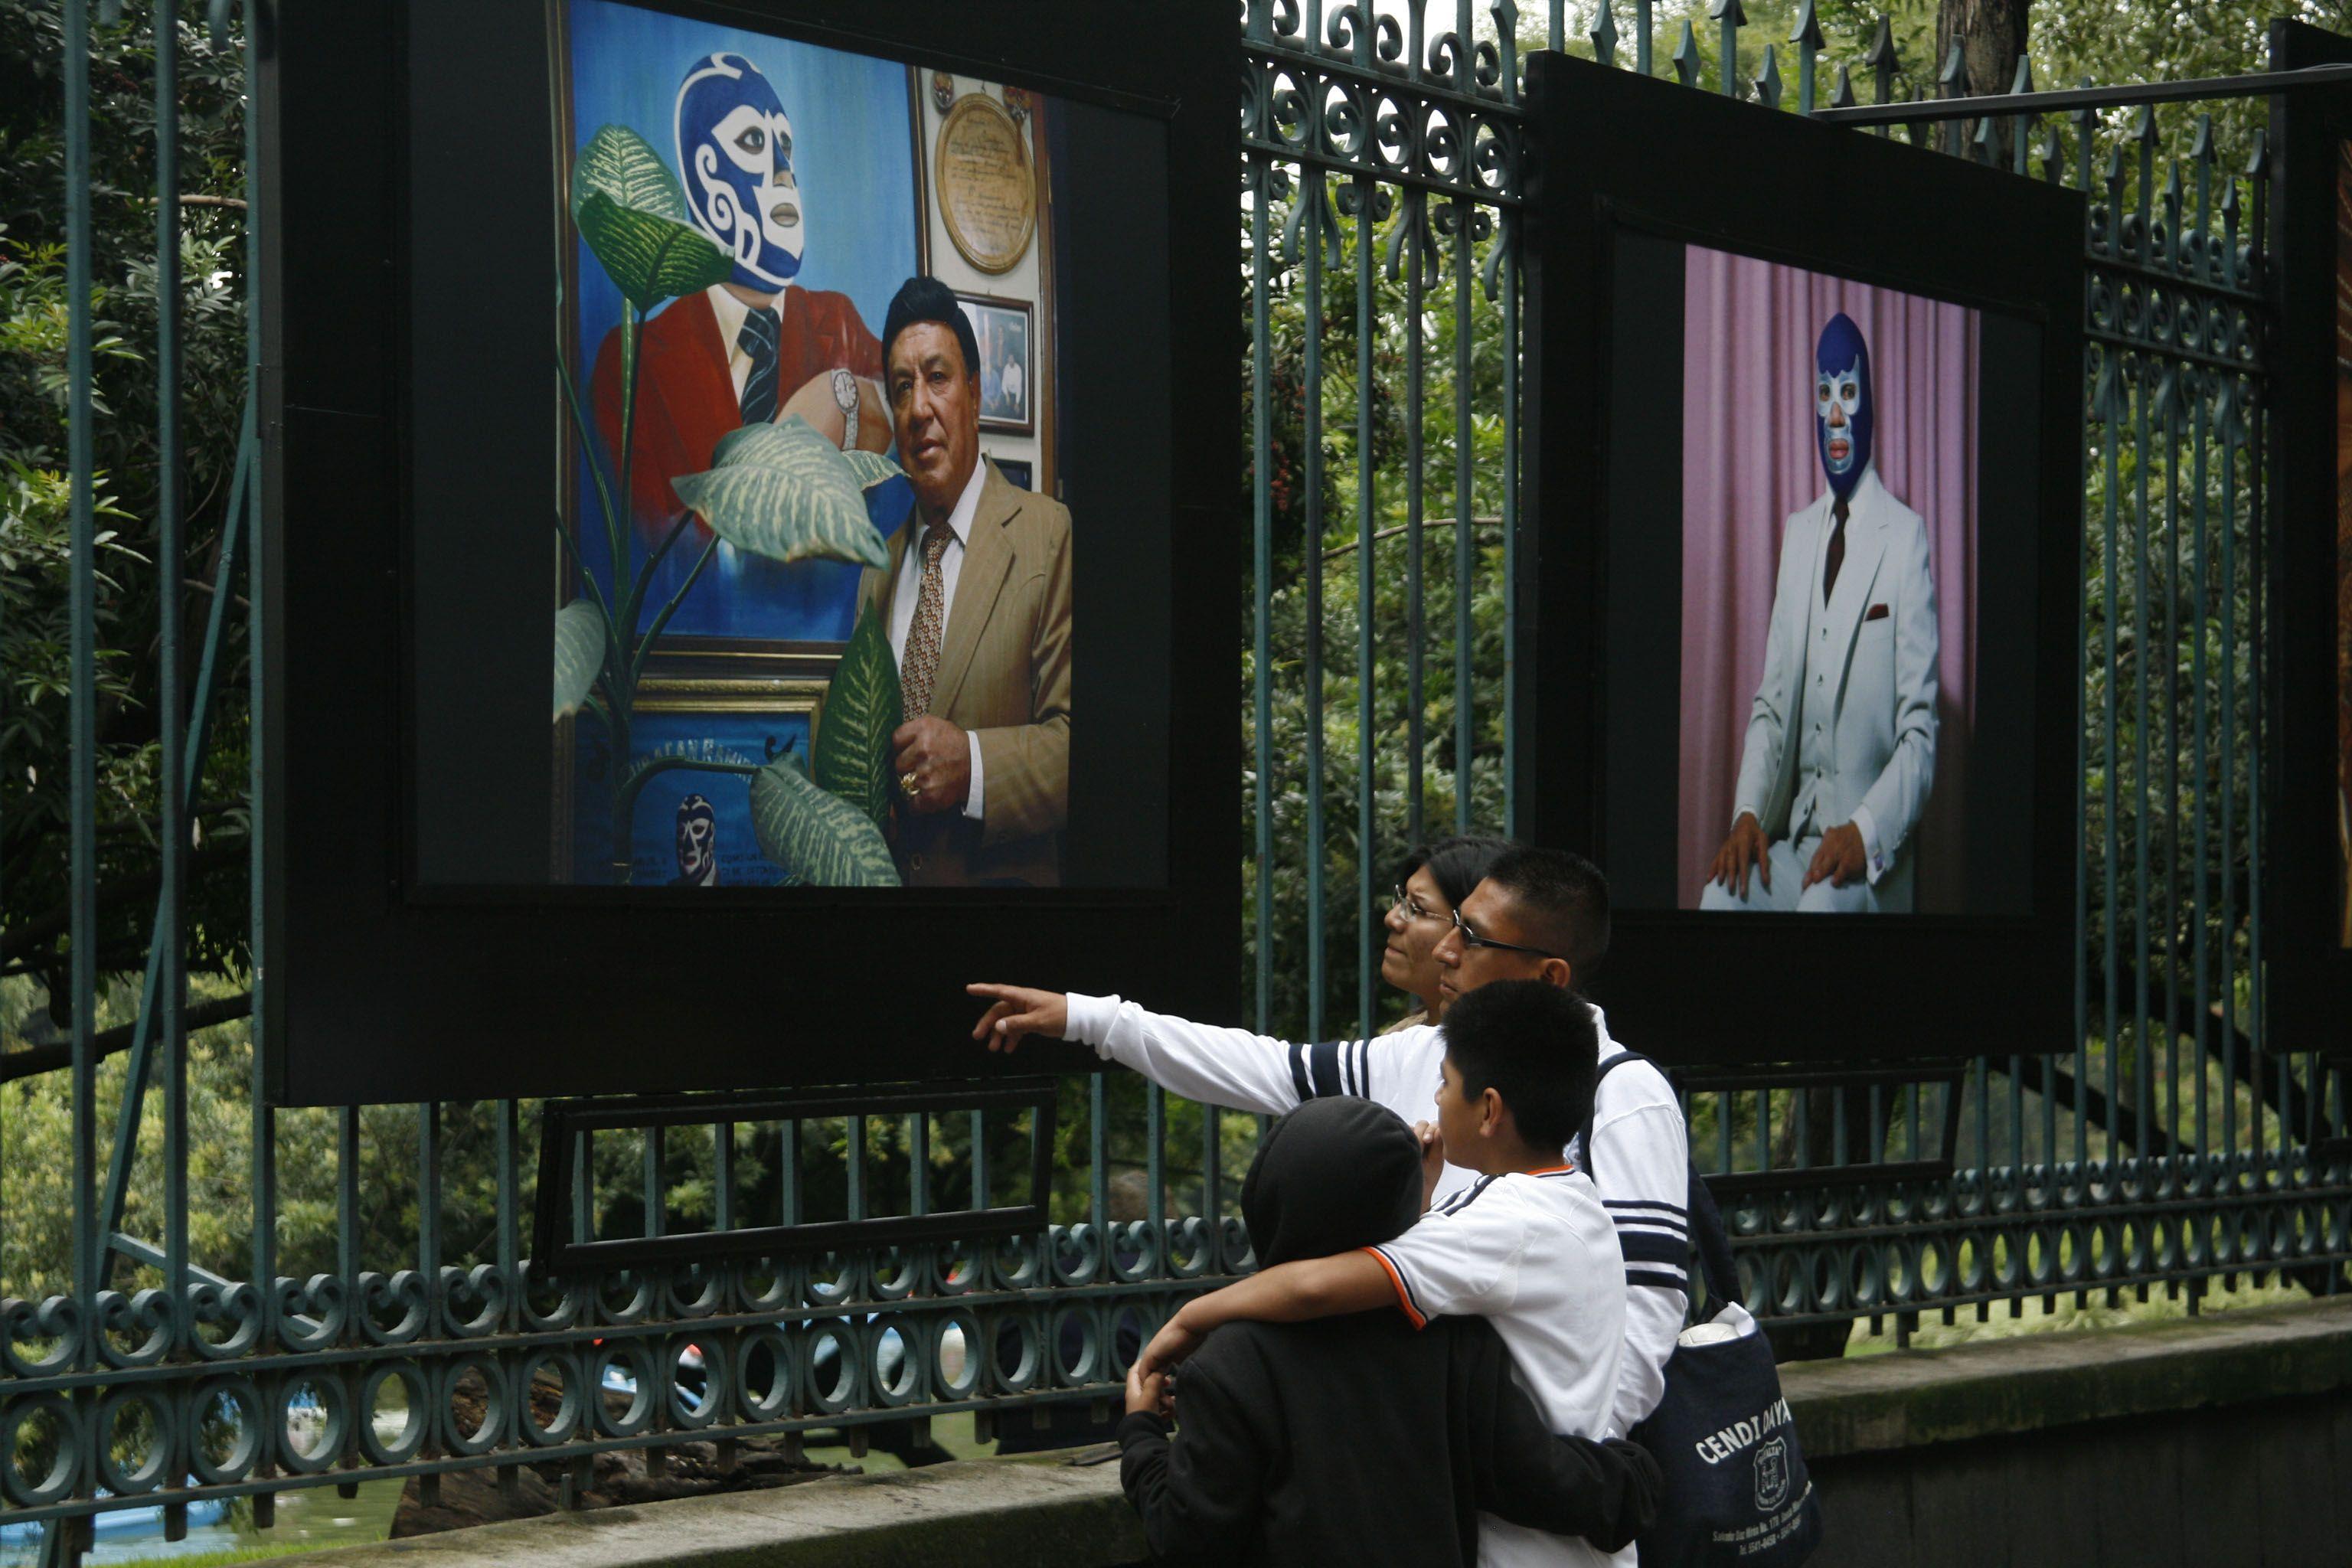 Celebrará la Secretaría de Cultura 80 Años de Lucha Libre con exposición fotográfica en la Galería Abierta de las Rejas de Chapultepec, a partir del 9 de septiembre.  Foto: Abril Cabrera A.